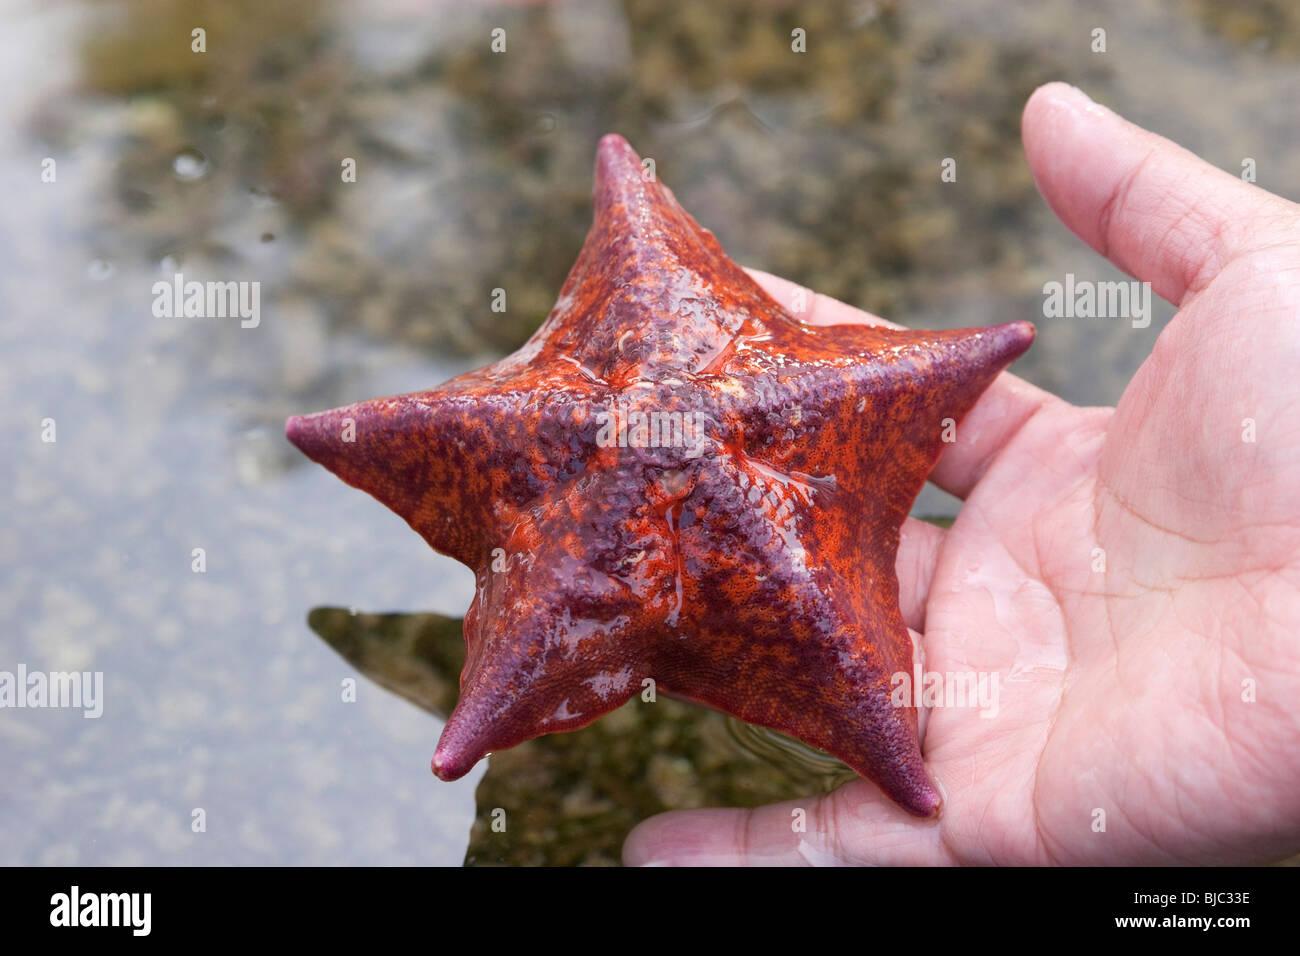 Bat Star Stock Photos & Bat Star Stock Images - Alamy